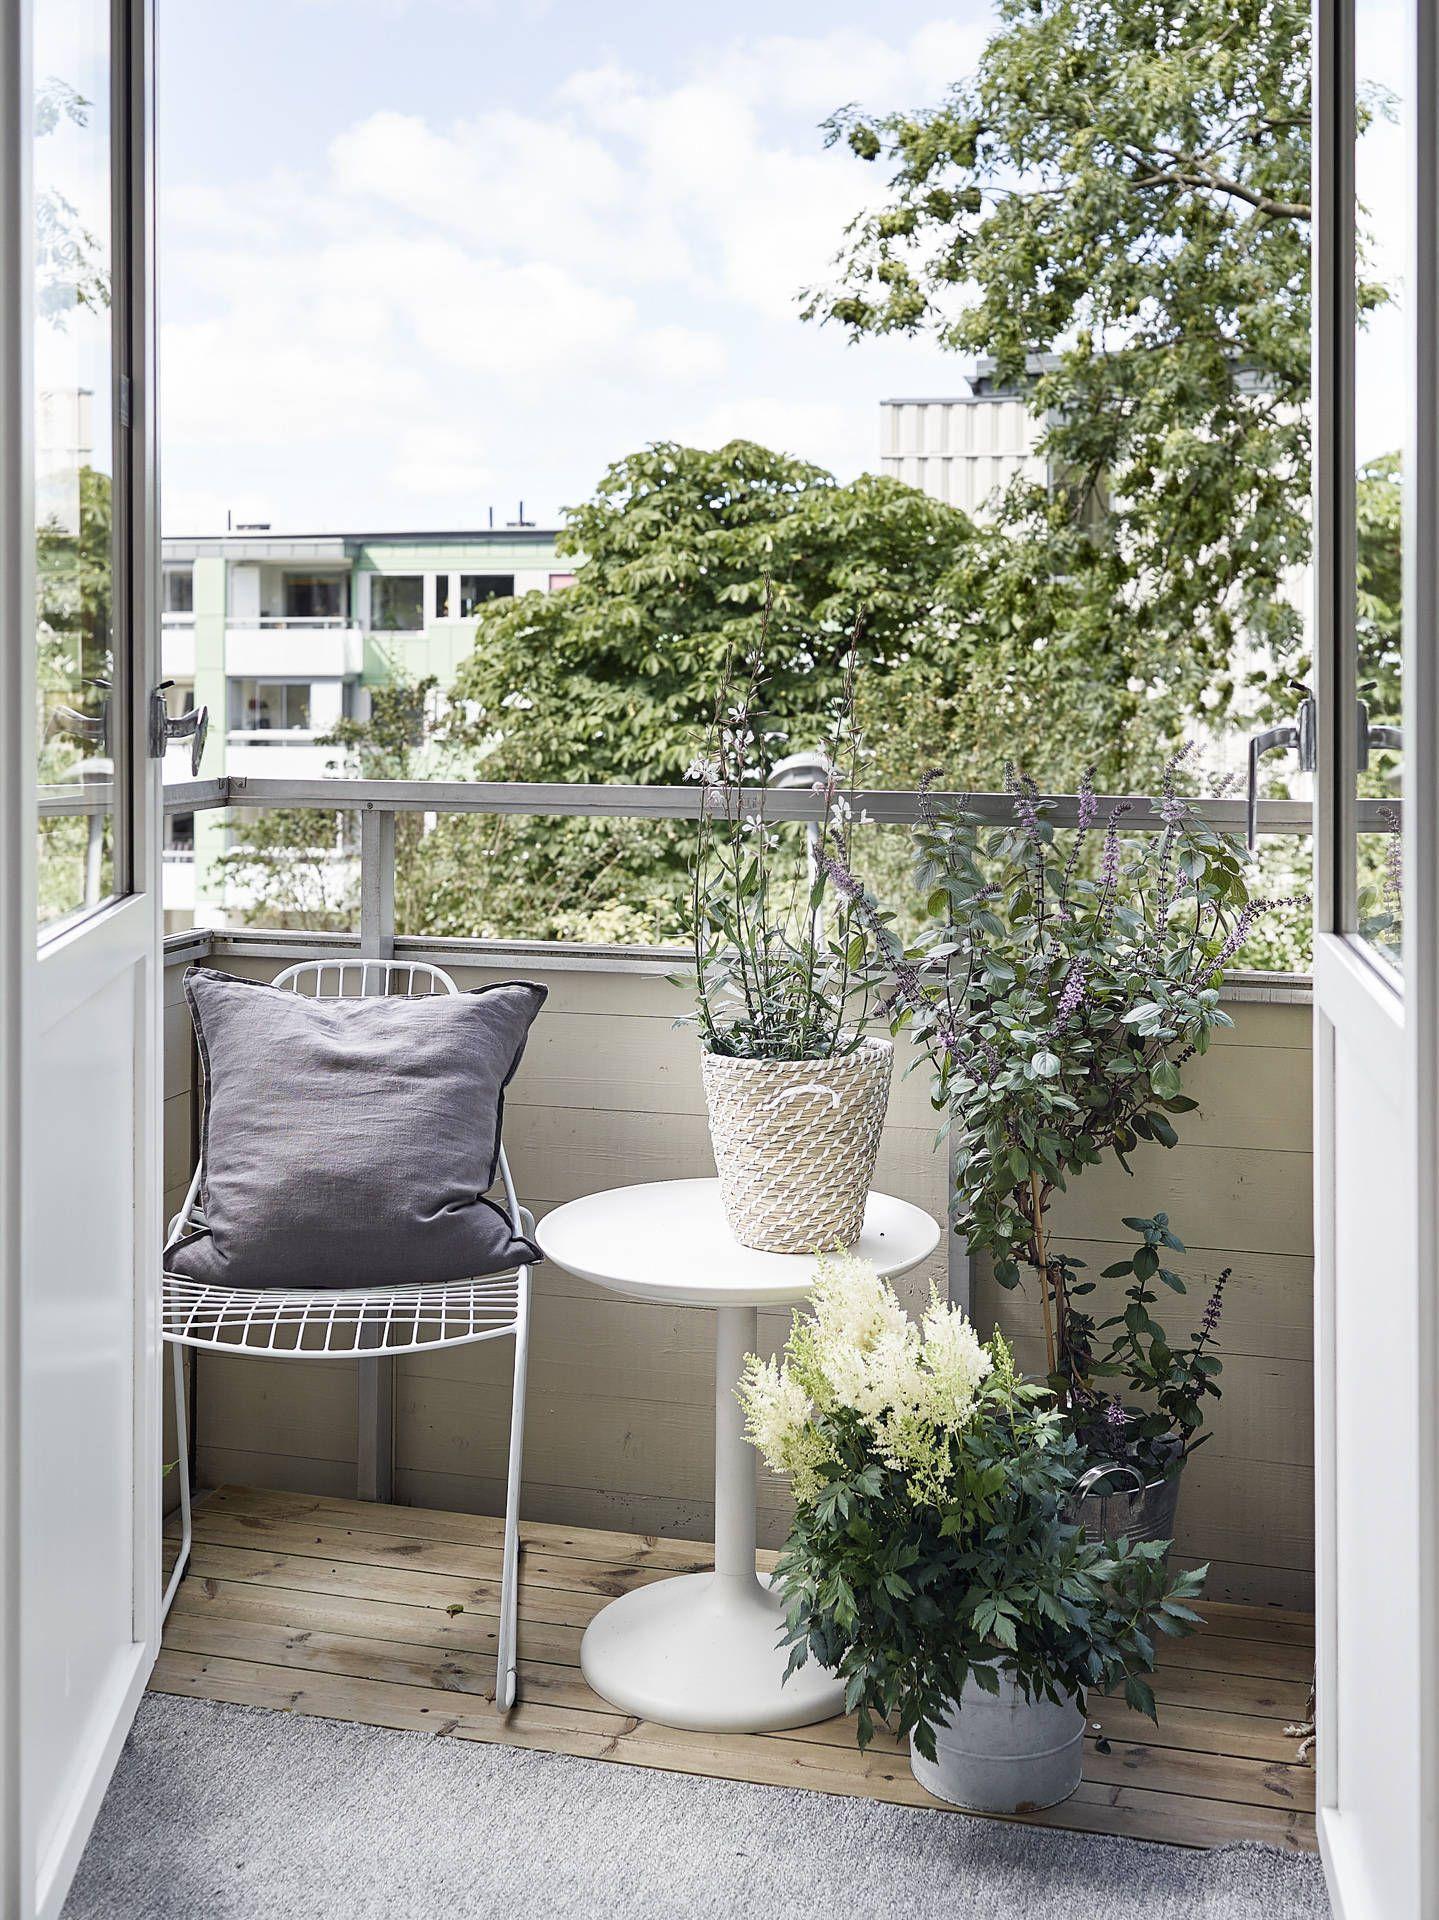 Un petit balcon aménagé / Balcony